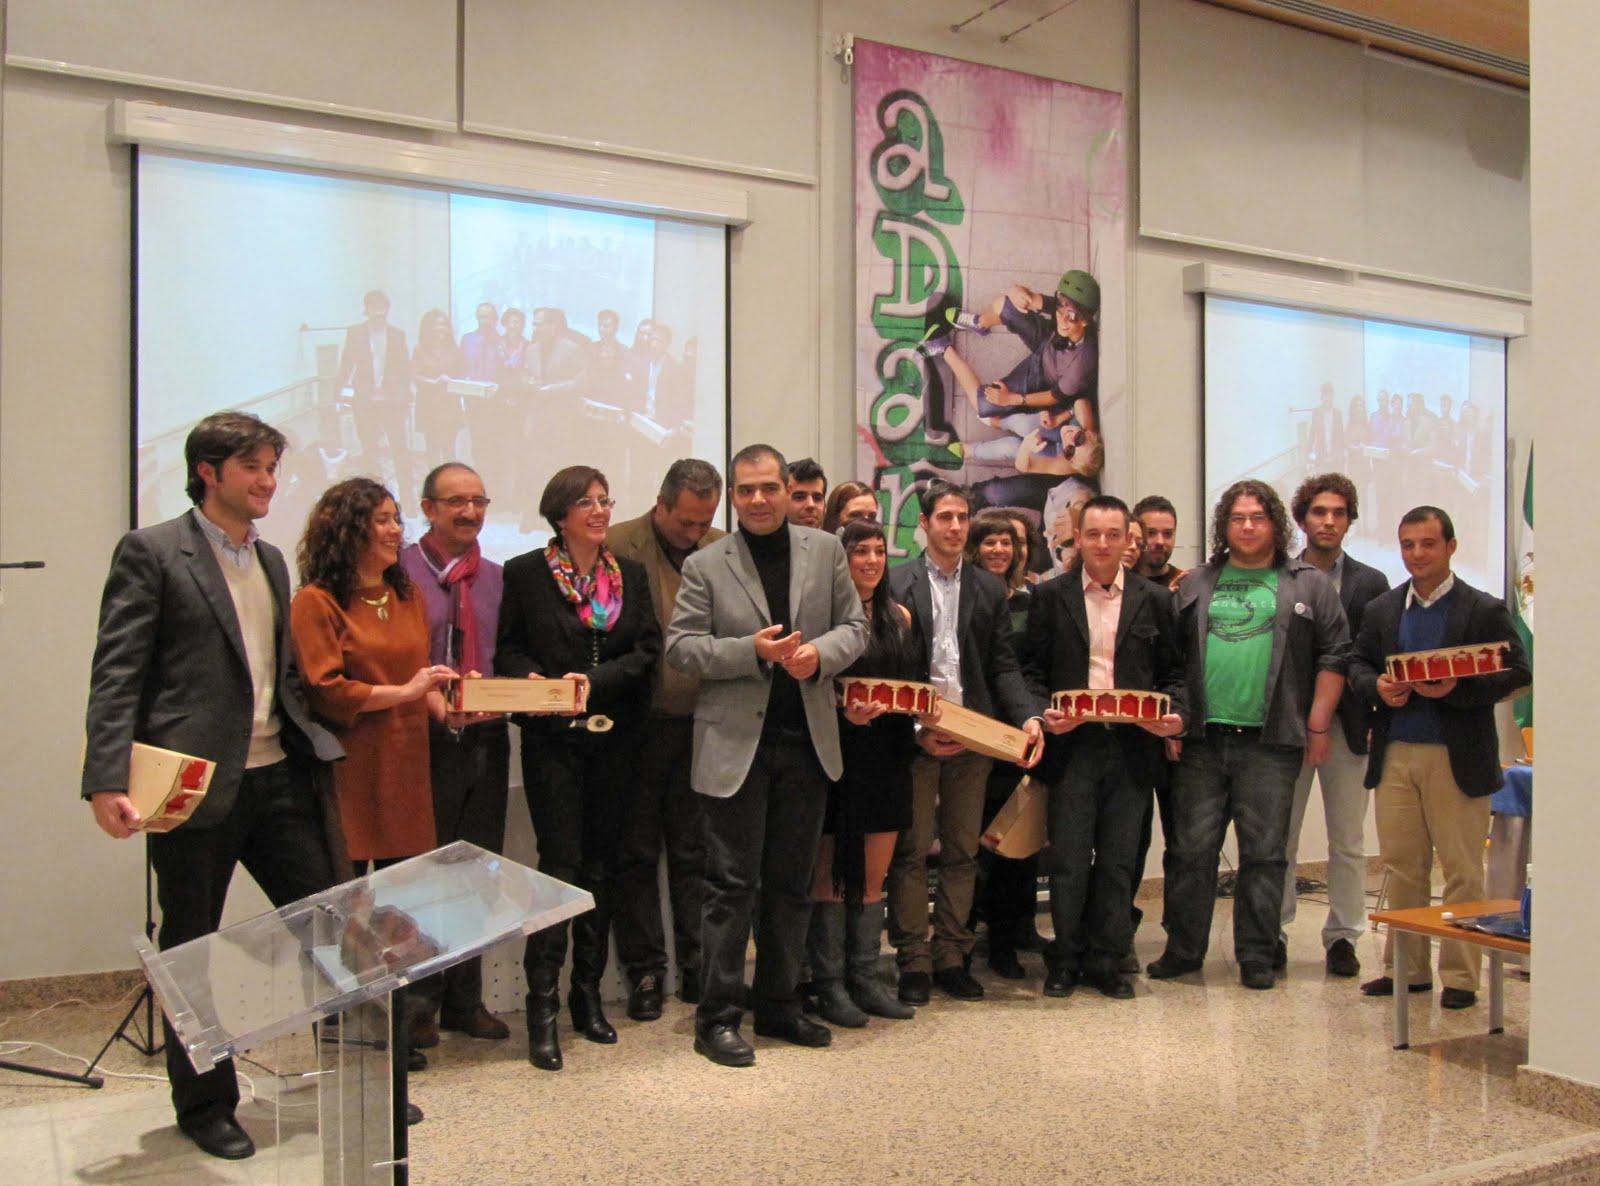 IMG_4174 Entregados los premios Córdoba Joven 2010